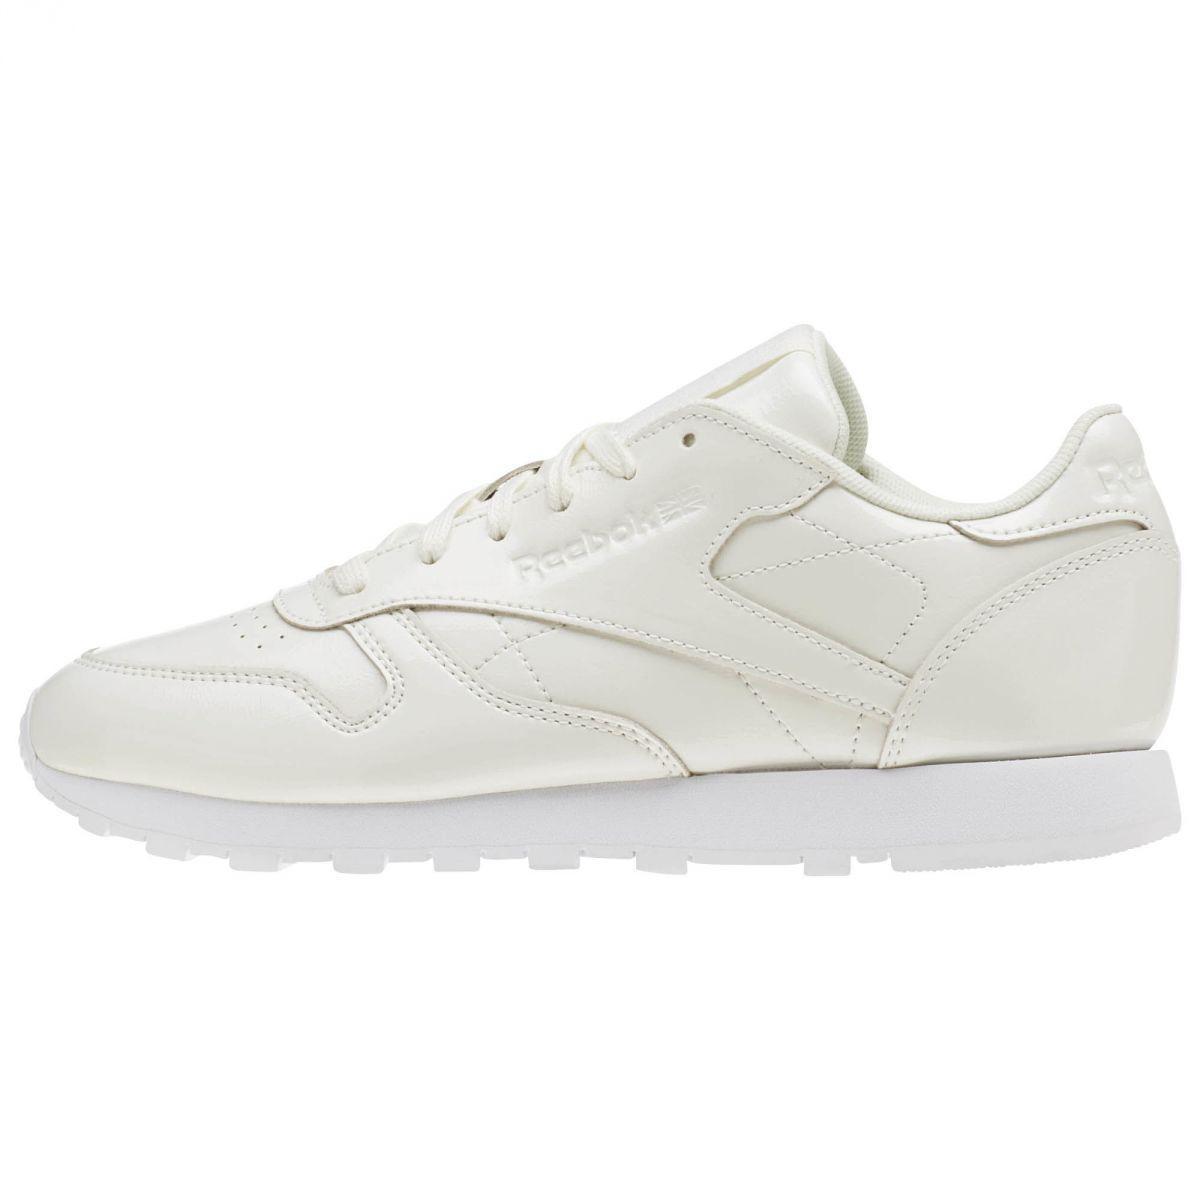 Оригинальные женские кроссовки REEBOK CLASSIC LEATHER PATENT ... 498becfc216